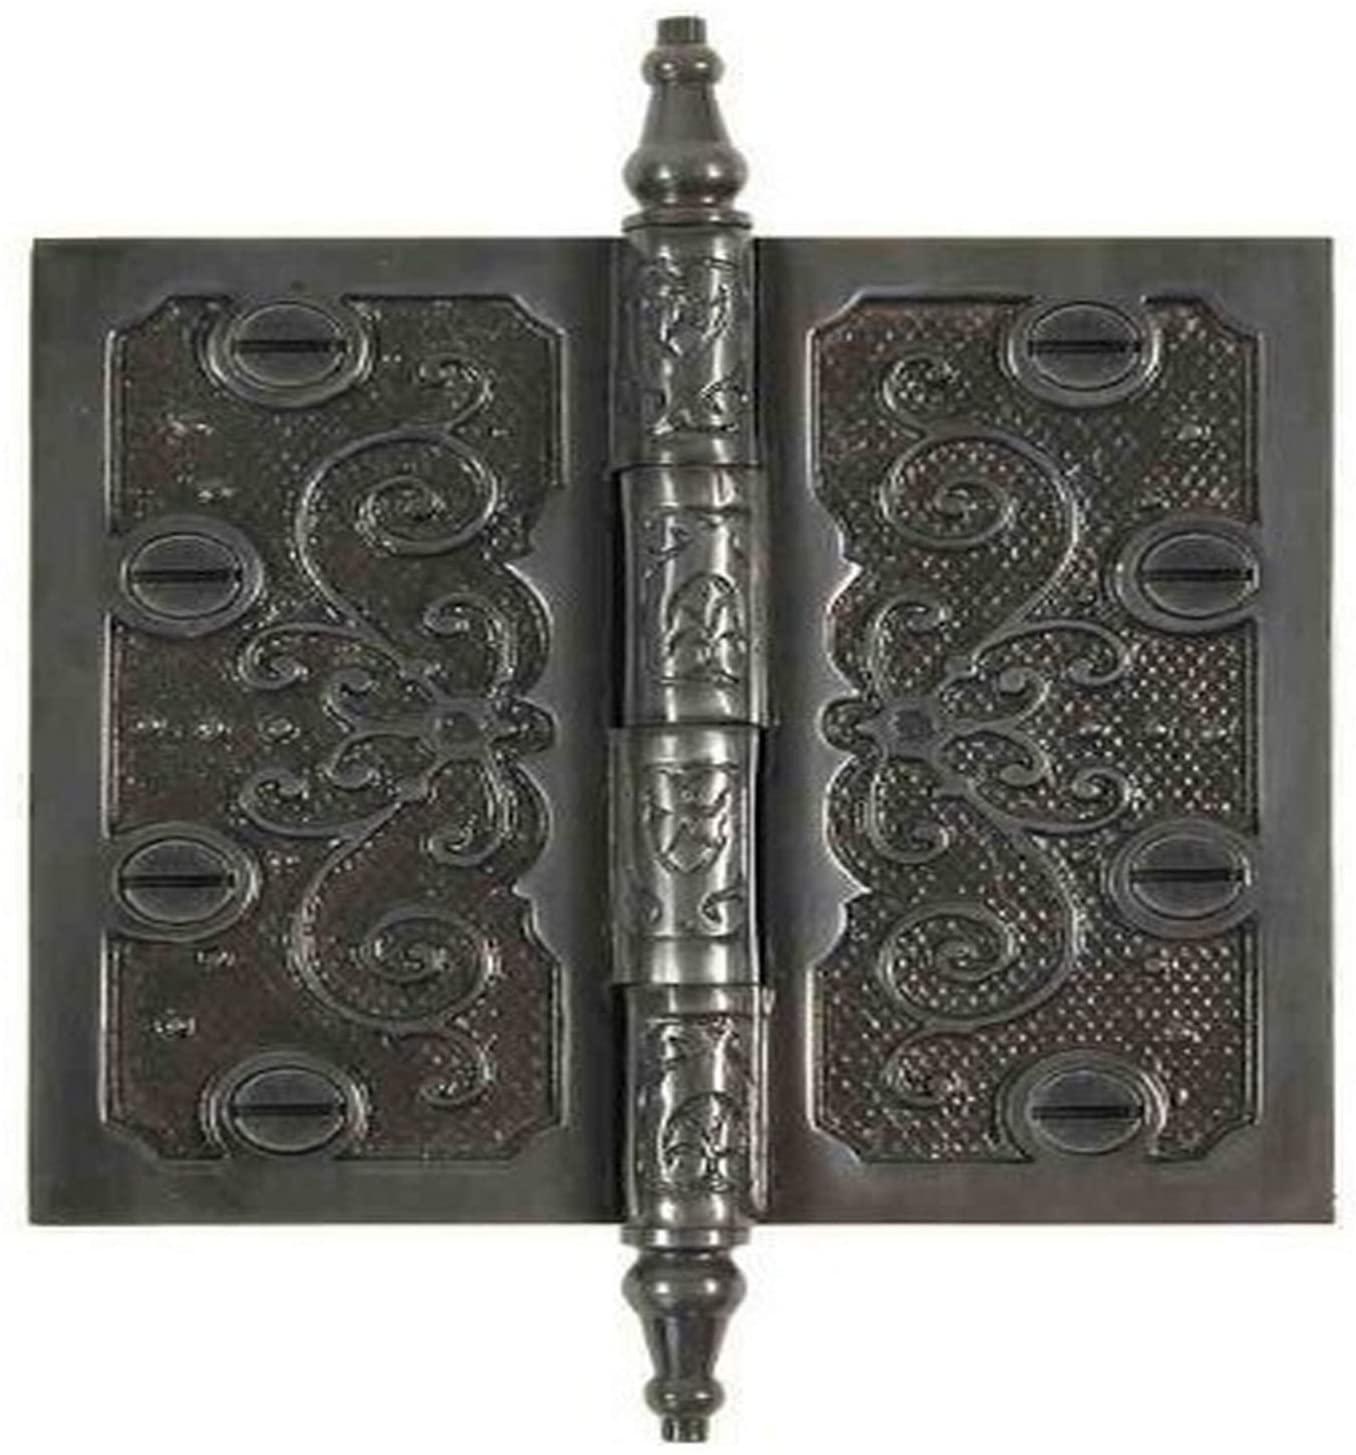 Brass Elegans LF002DBZ Solid Brass Lafayette Design 4-Inch Decorative Door Hinge with Brass Screws, Dark Bronze Finish